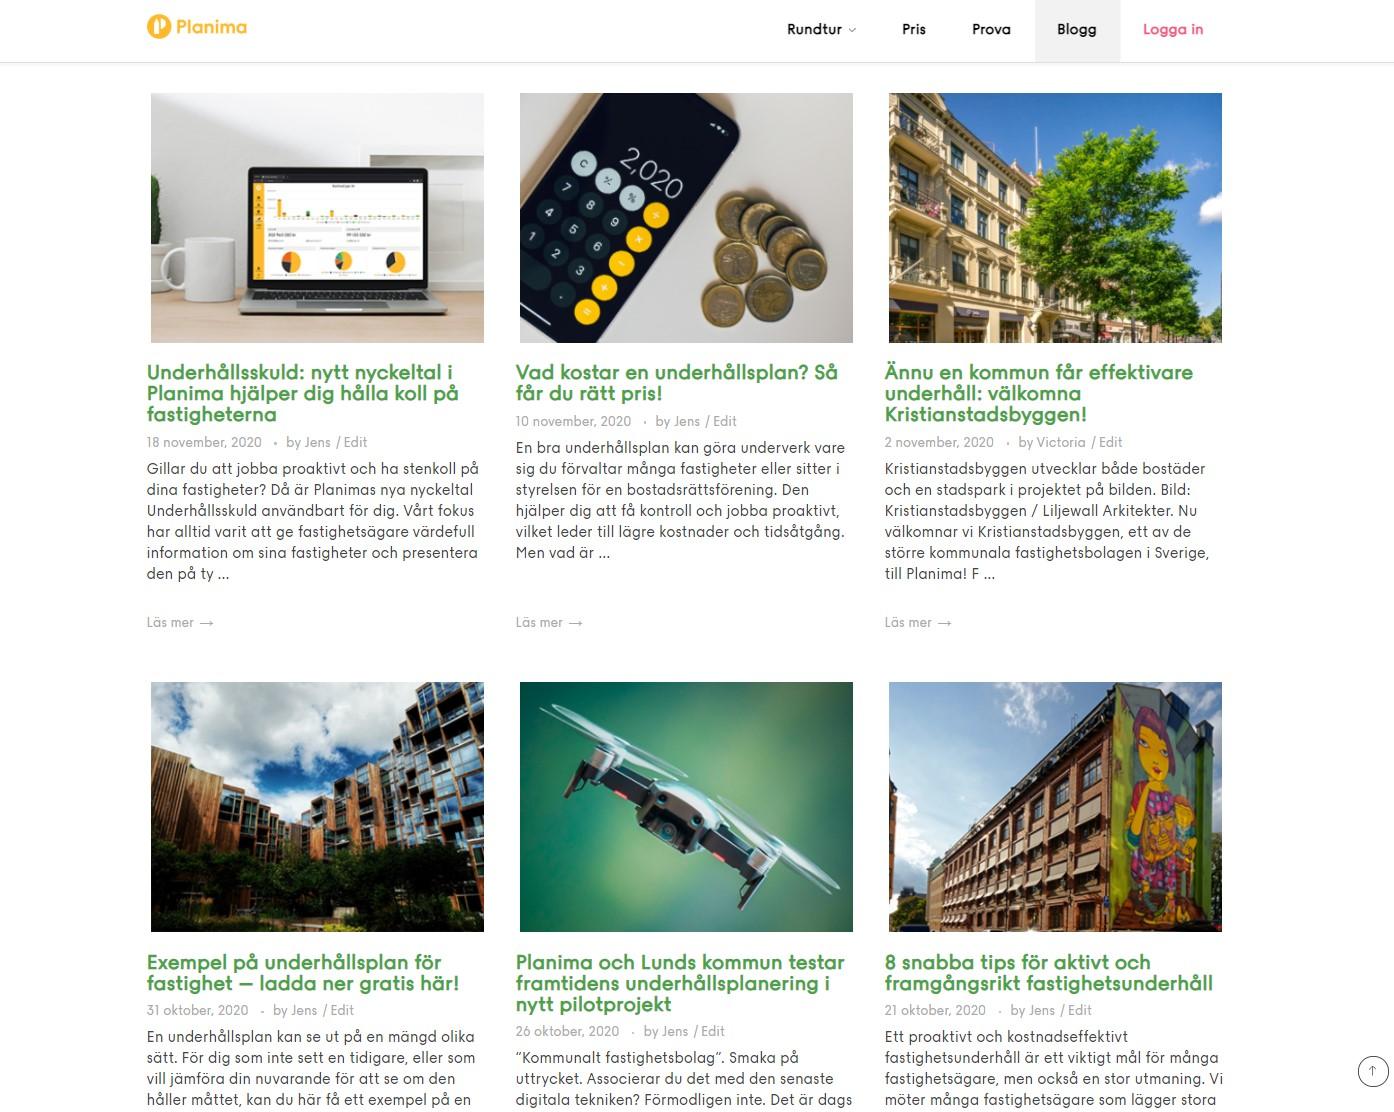 Skärmbild på Planimas bloggsida.